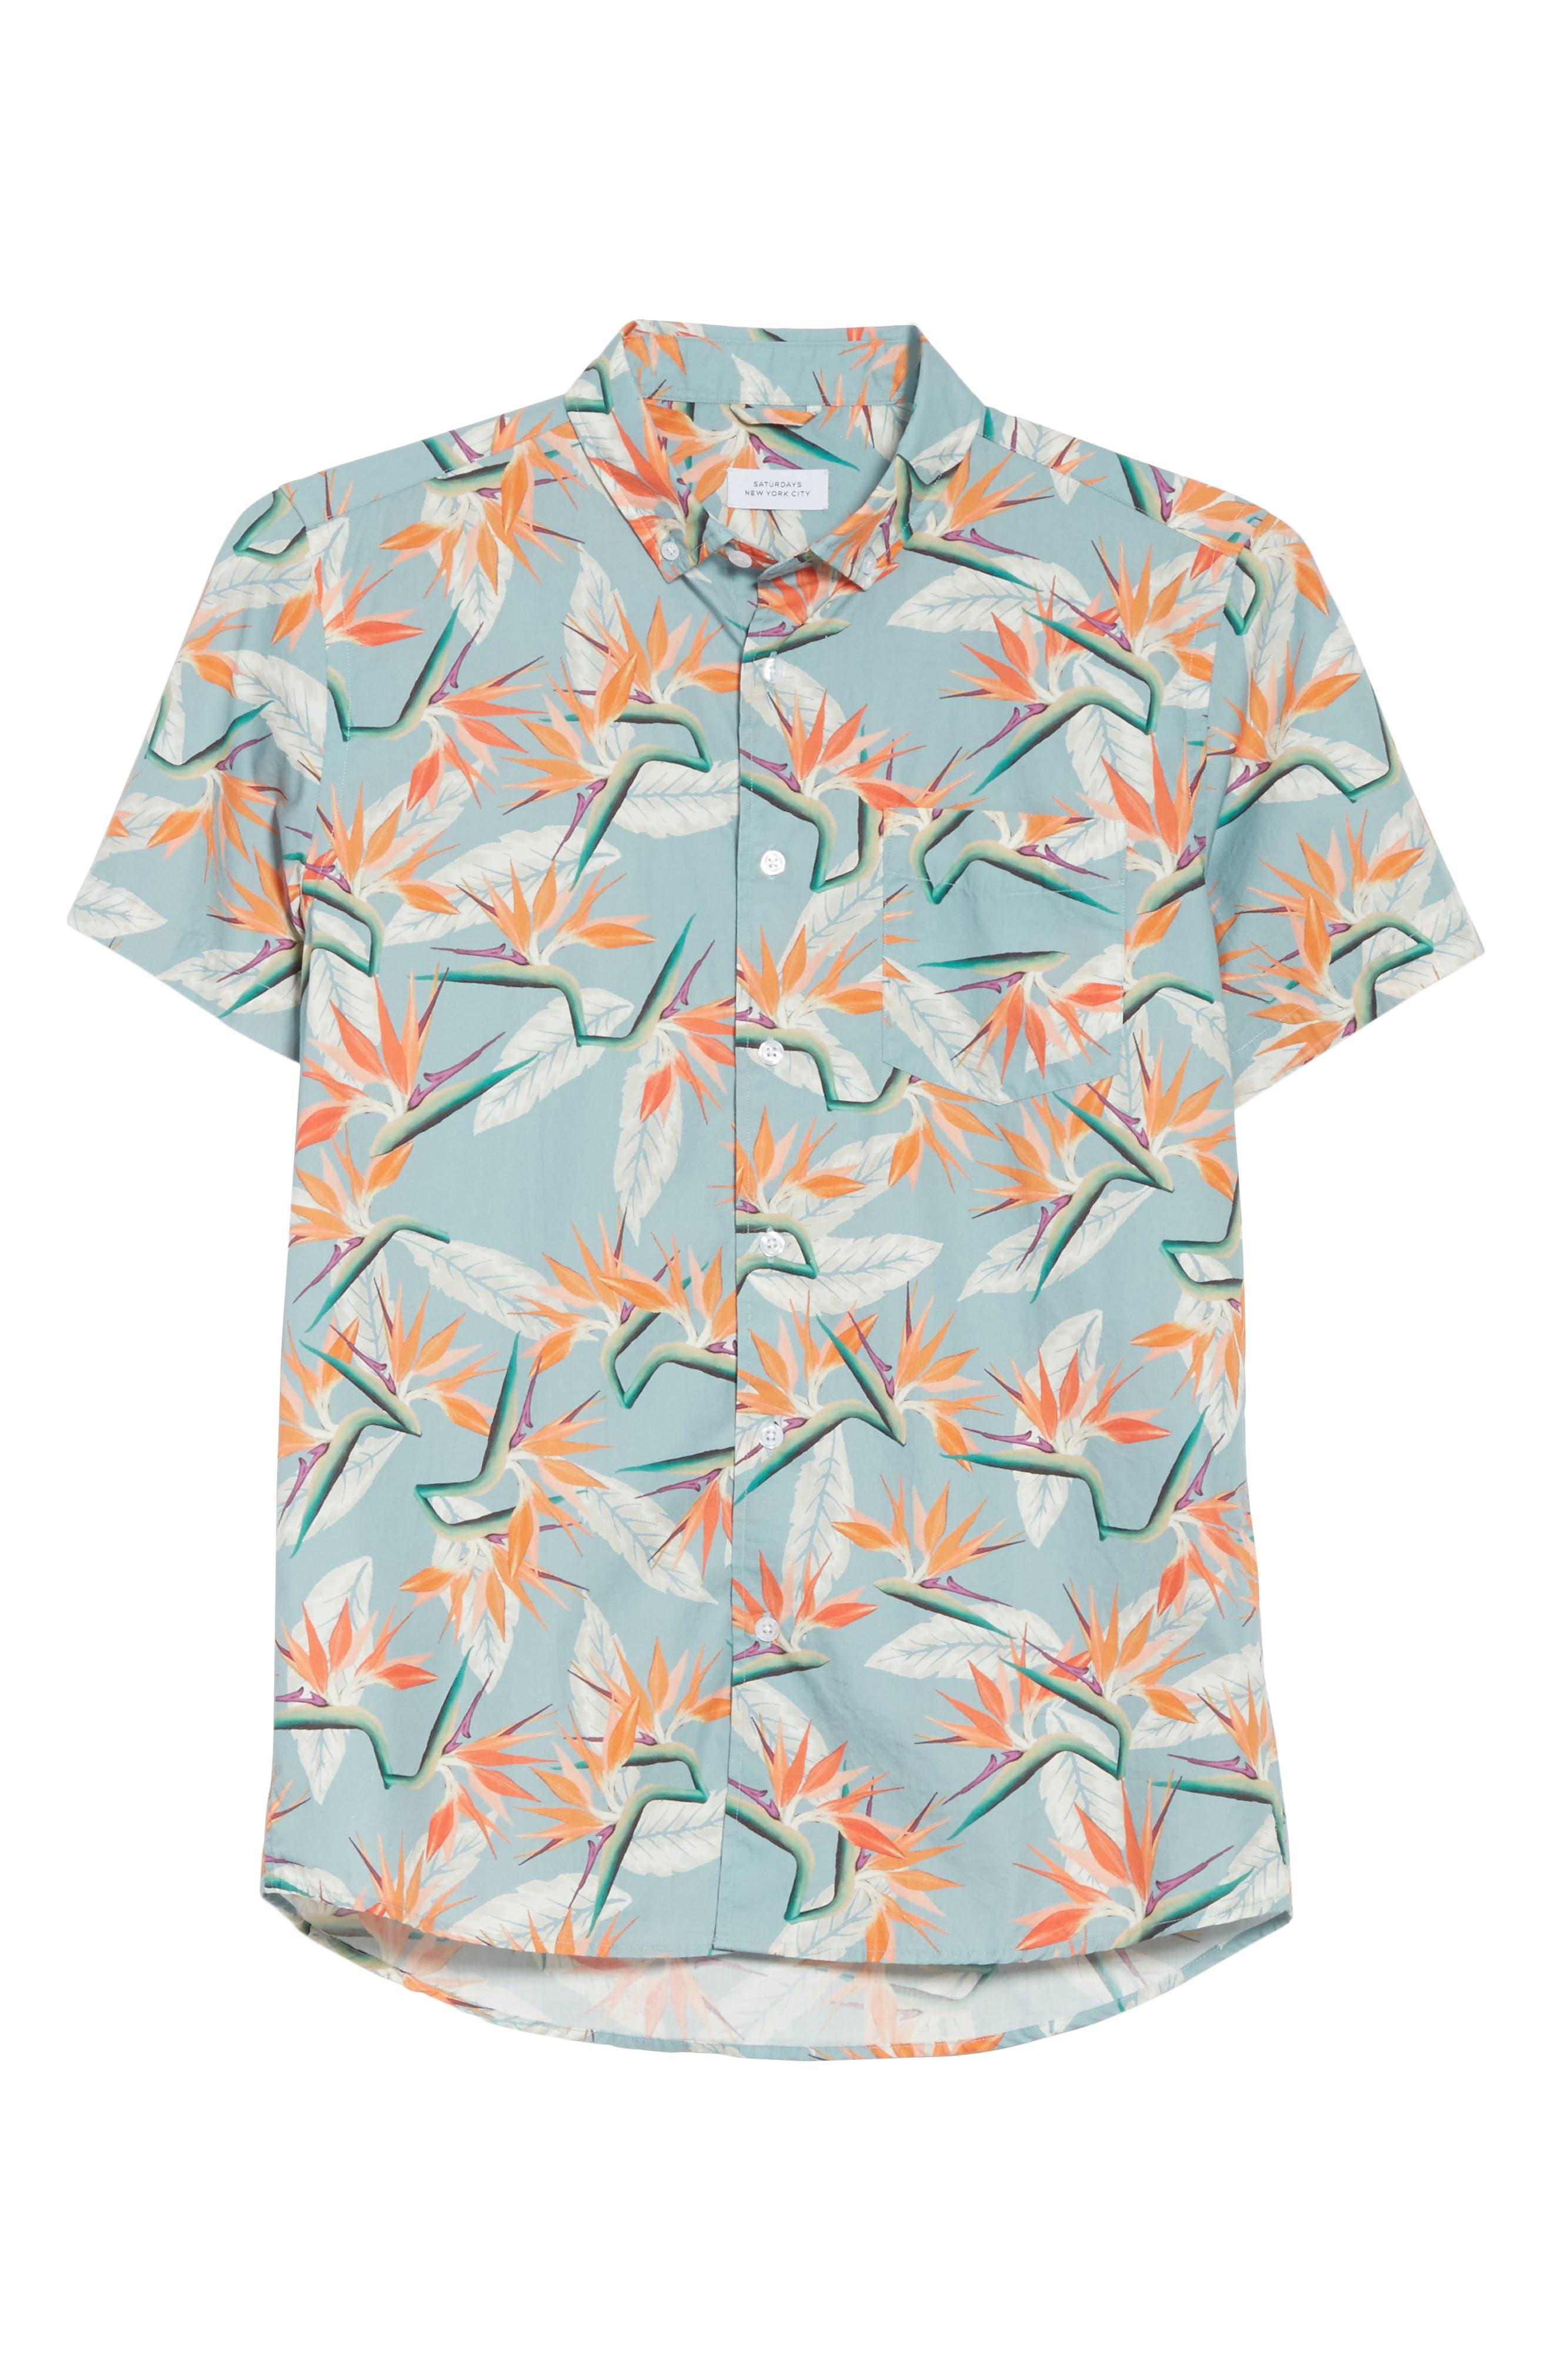 Esquina Paradise Woven Shirt,                             Alternate thumbnail 6, color,                             PARADISE PRINT